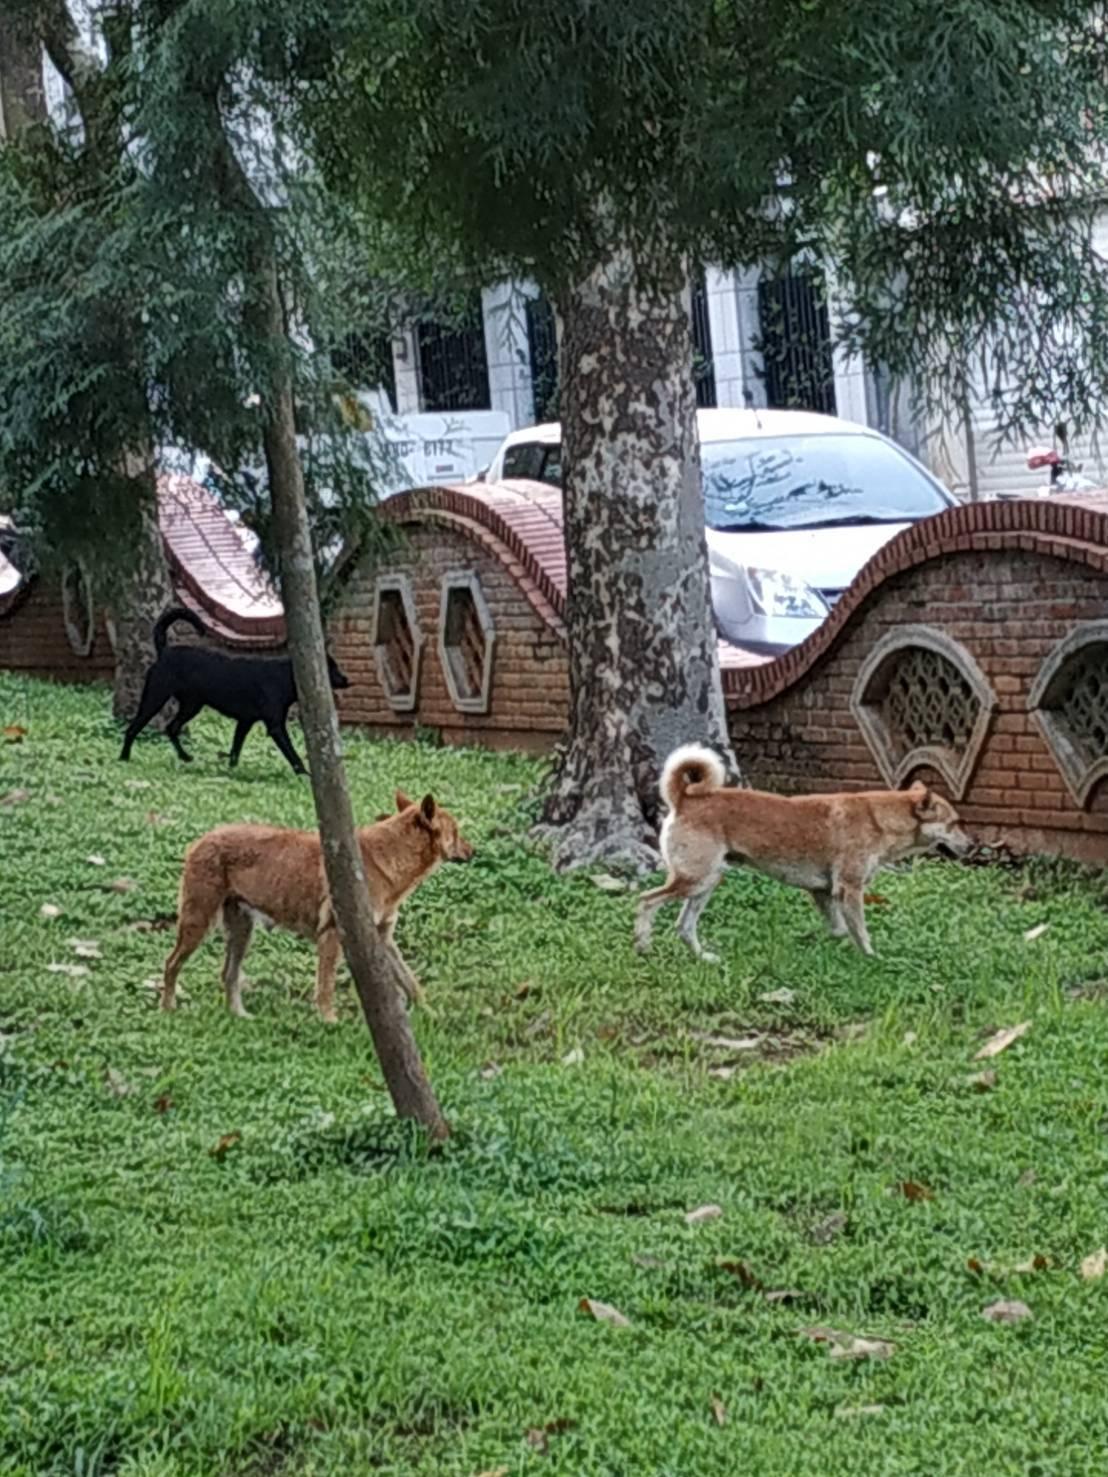 嘉義公園有流浪狗,議員蔡永泉接獲市民反映狗會追人很危險。照/蔡永泉提供